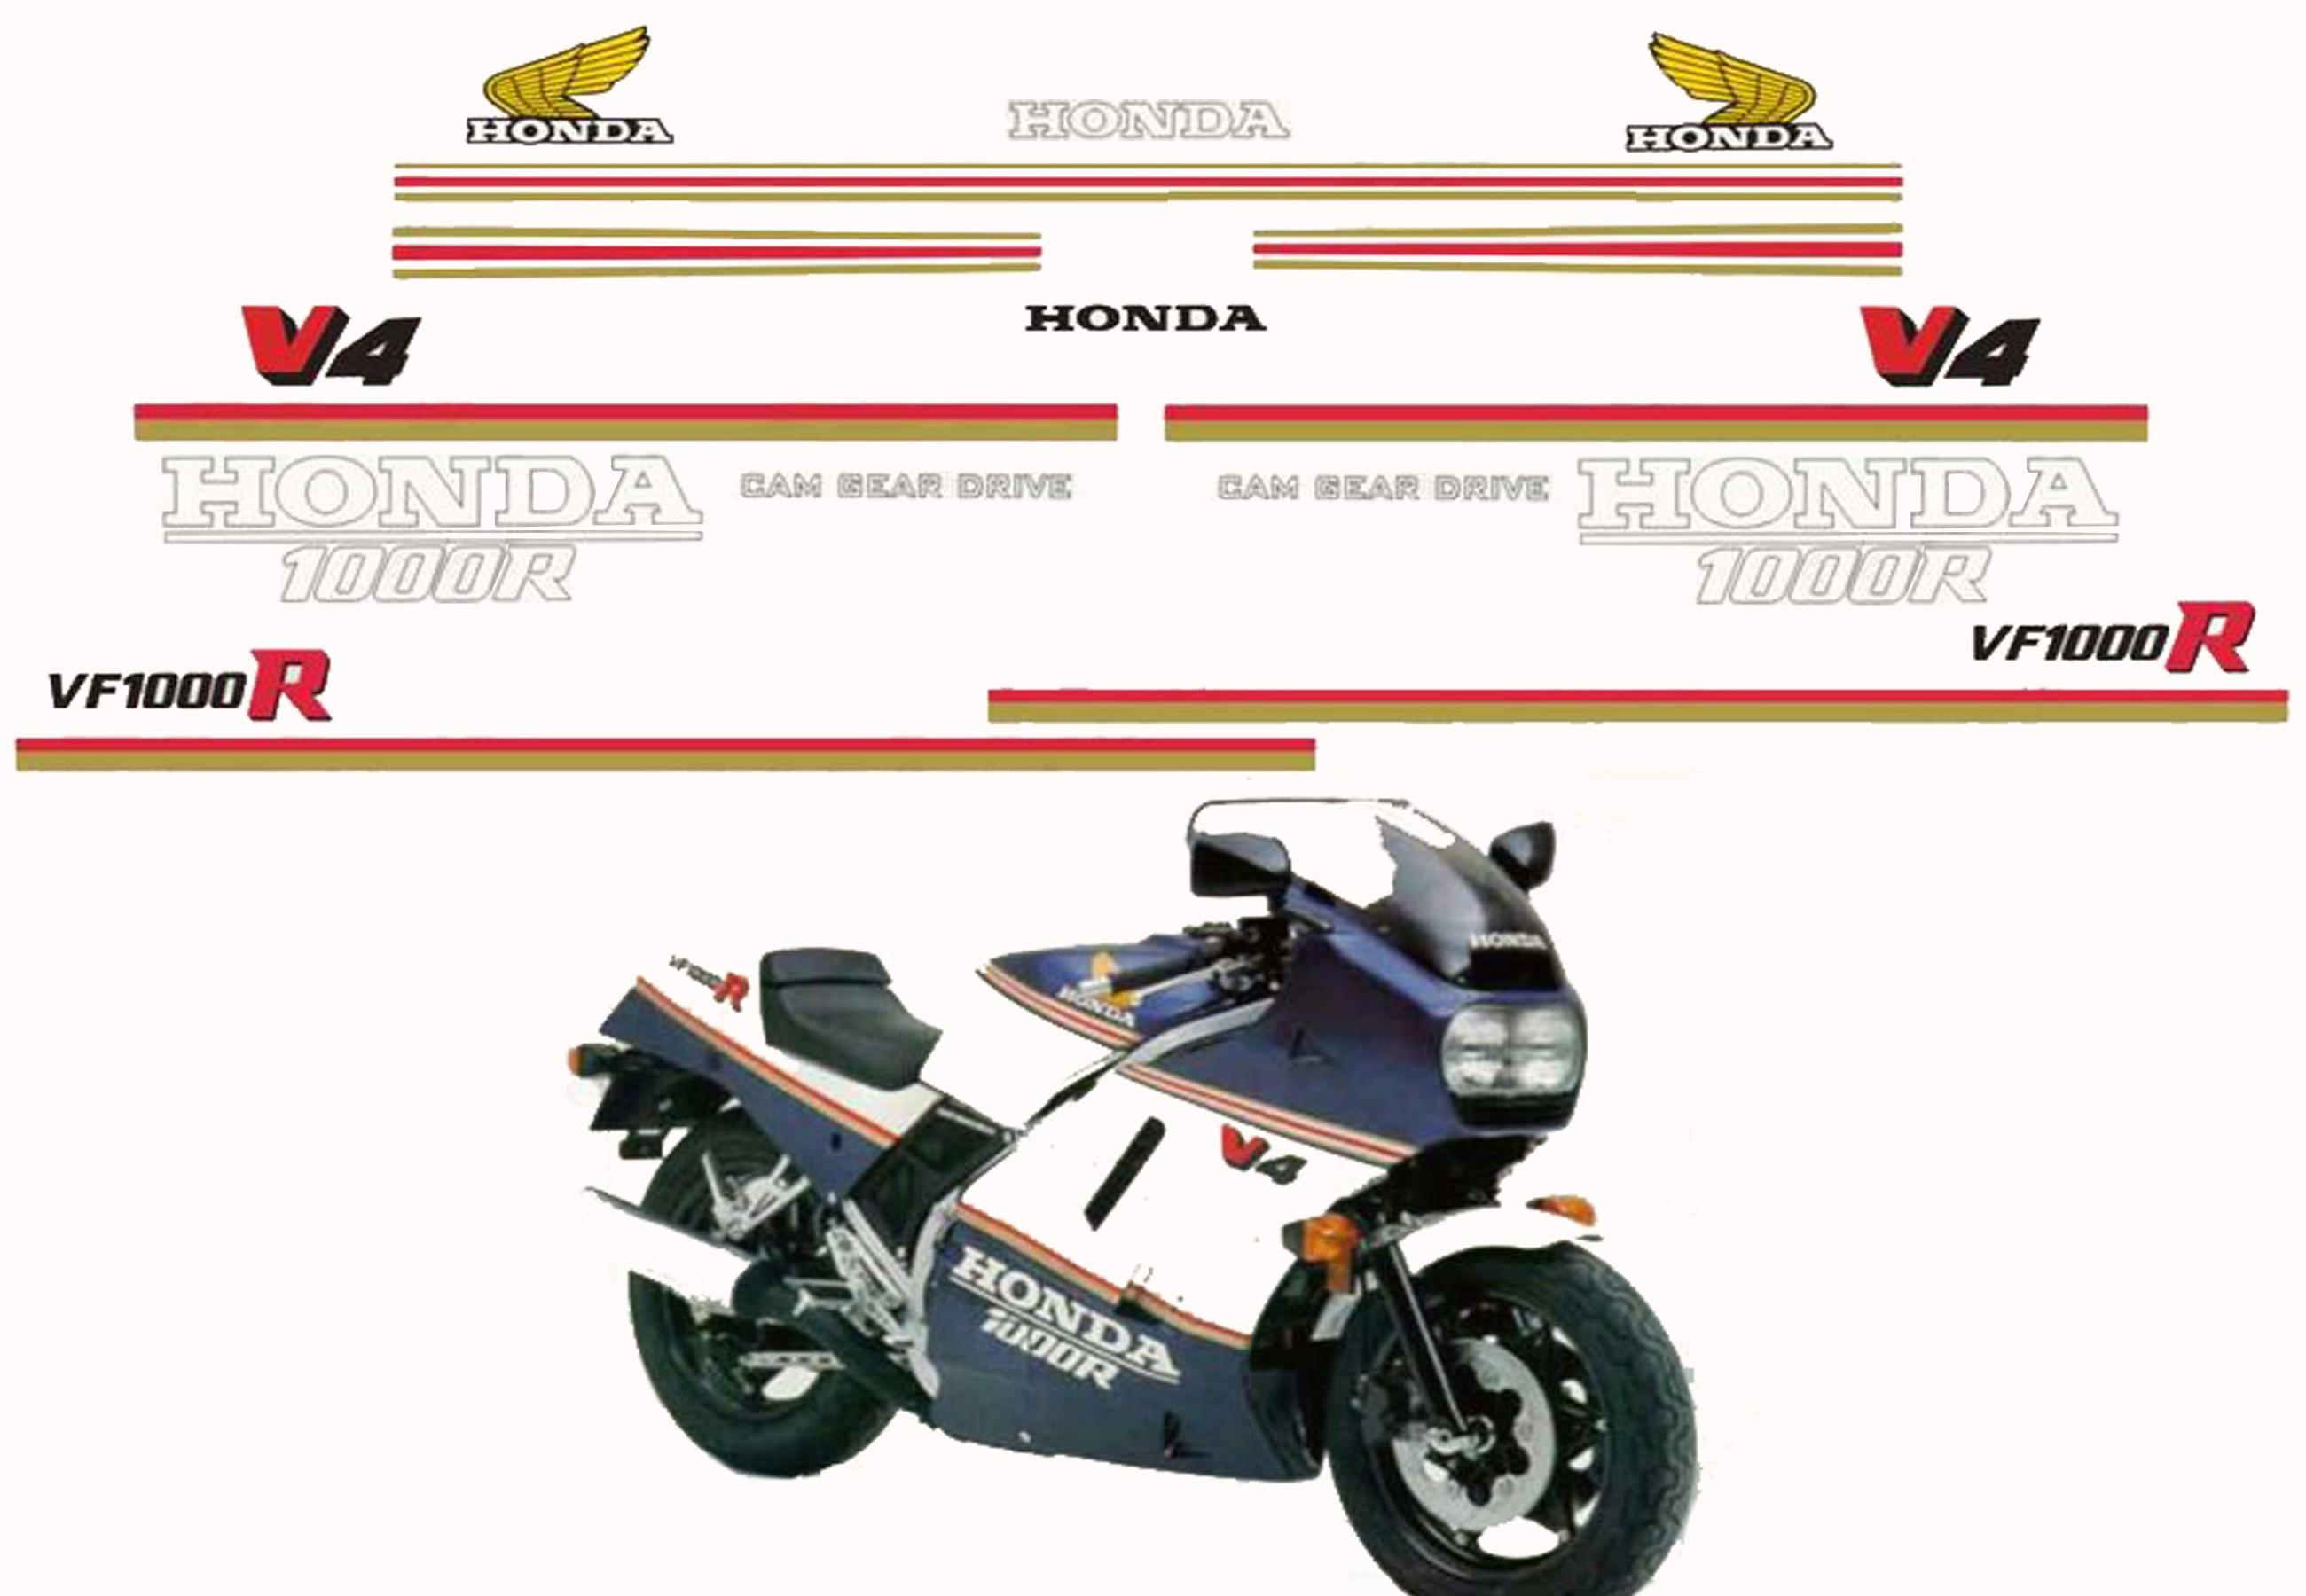 autocollant moto honda vfr 750 id es d 39 image de moto. Black Bedroom Furniture Sets. Home Design Ideas